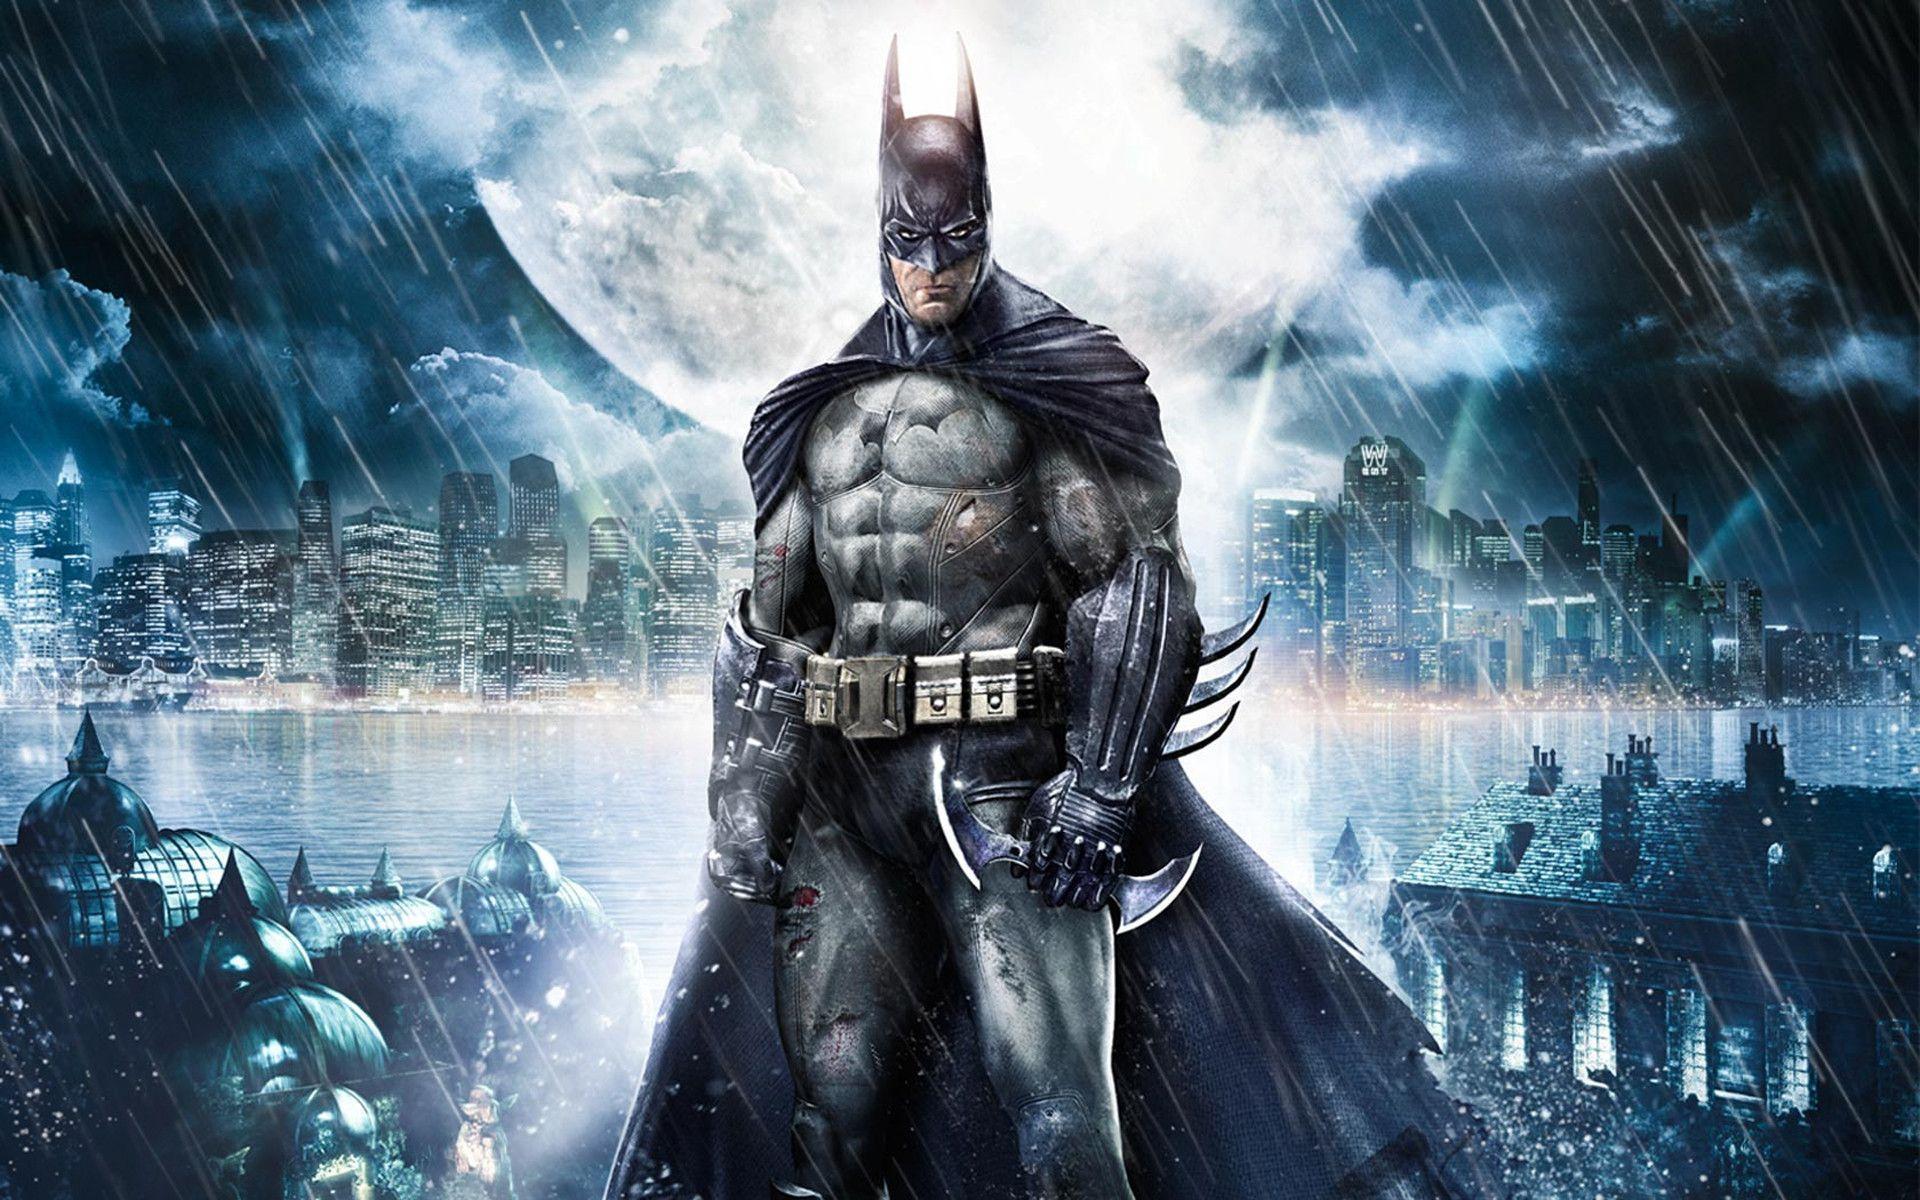 Arkham Asylum Hd Wallpapers Batman Arkham Asylum Wallpaper 4k